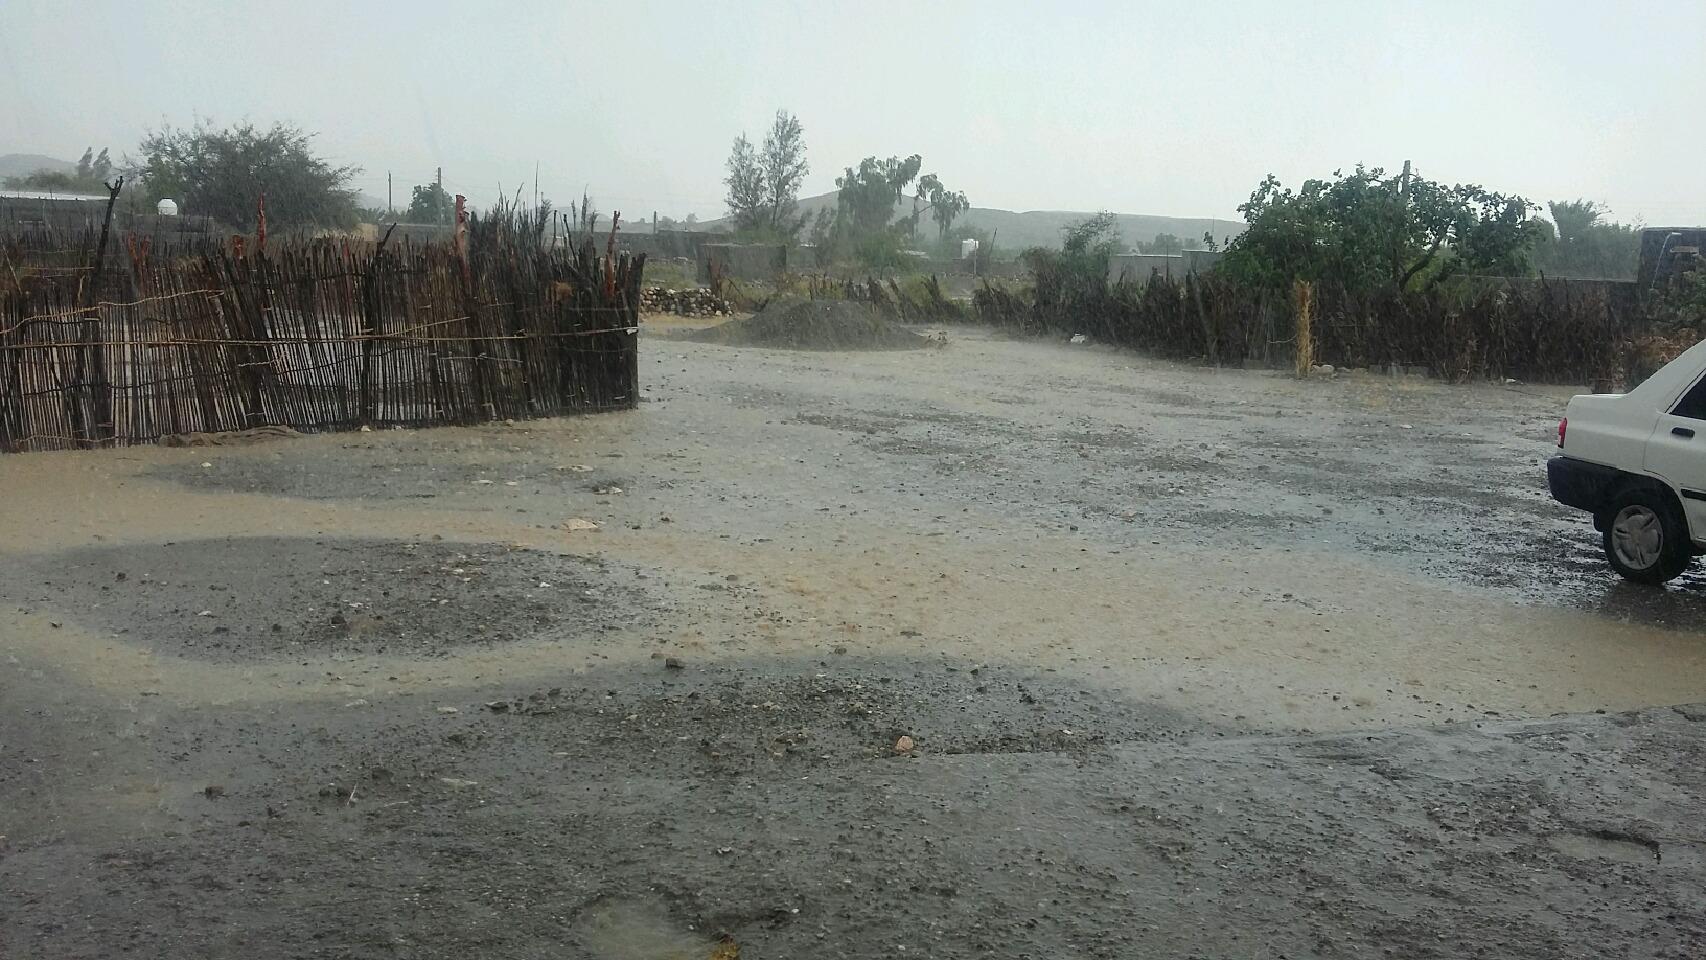 بارش باران وتگرگ در منطقه پوراحمدی